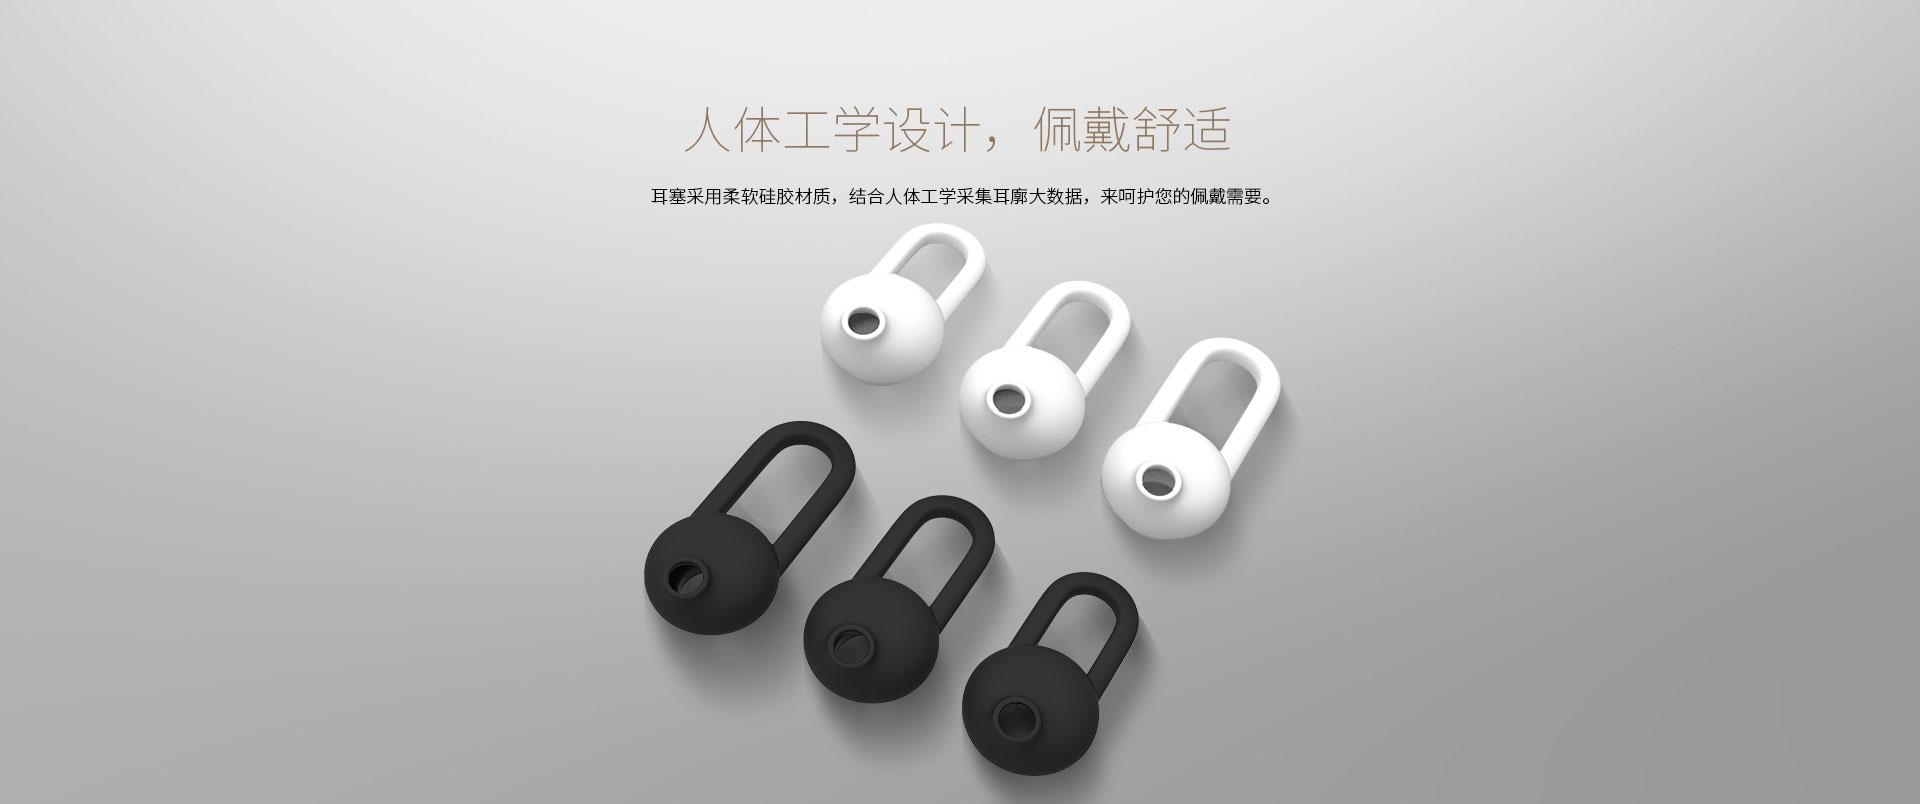 努比亚蓝牙耳机